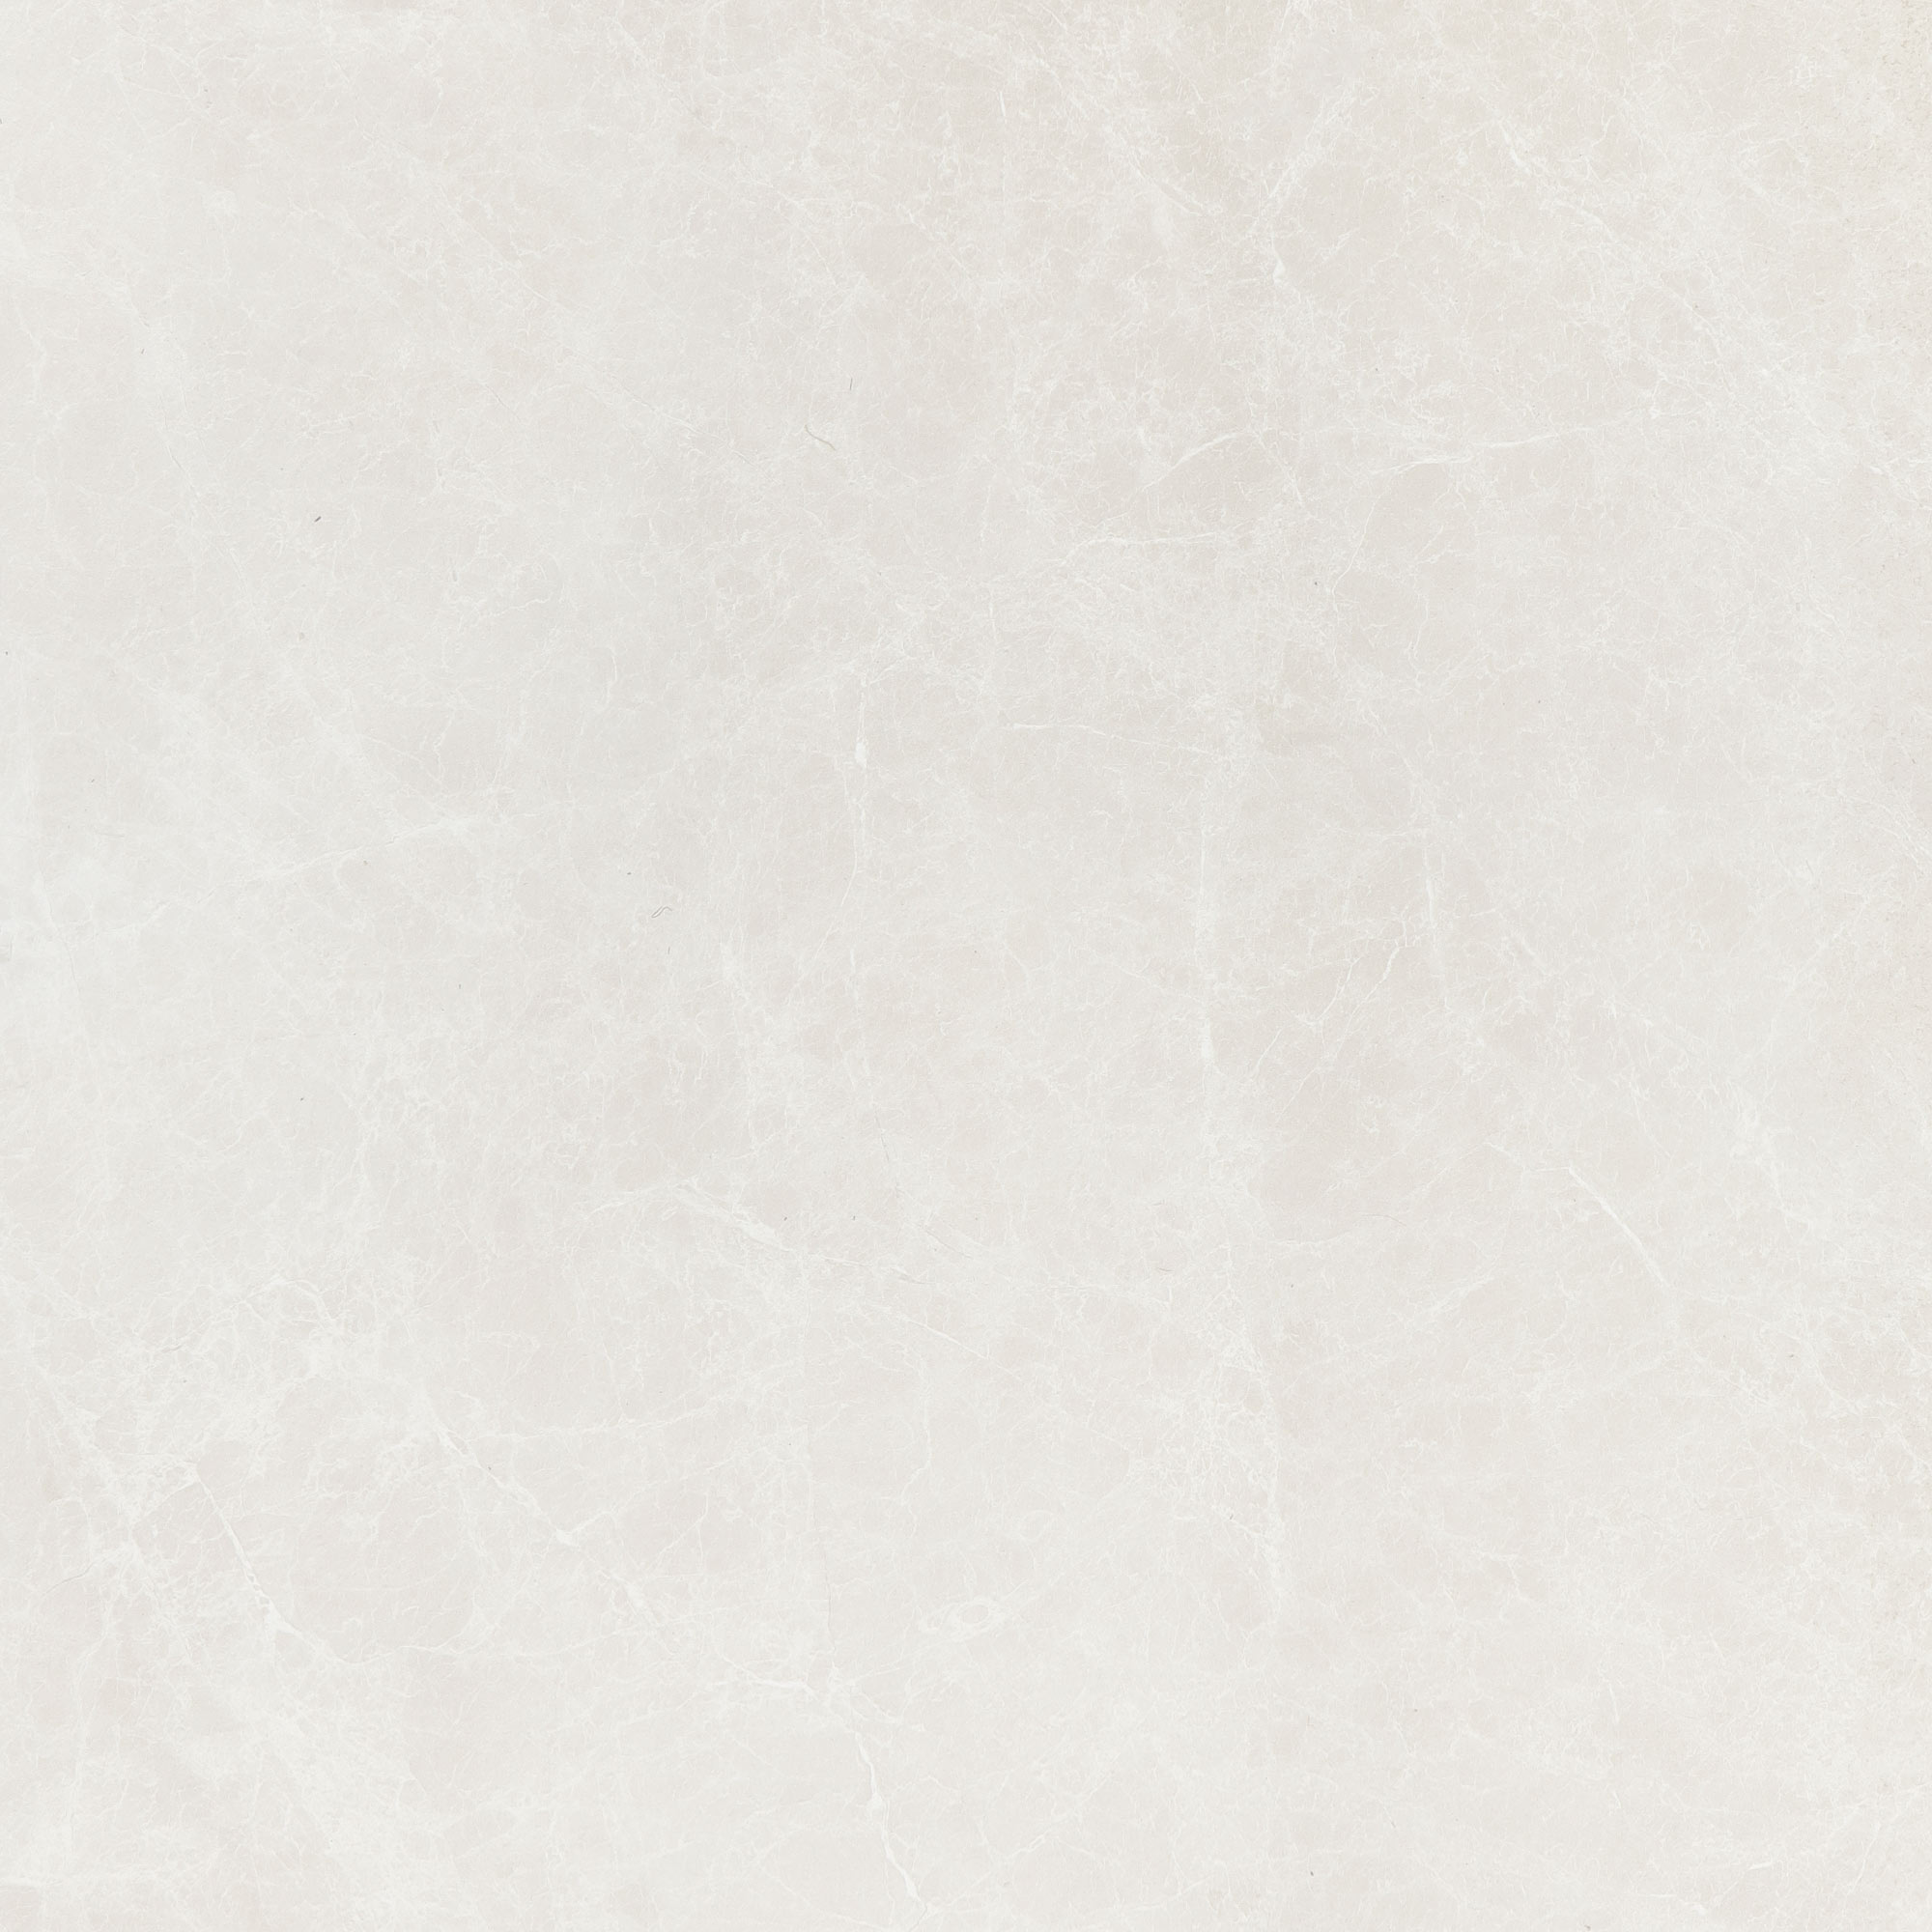 Фото - Плитка напольная Cristacer Capitolina Biege 59,2х59,2 см плитка напольная cristacer avenue grey gr 59 2х59 2